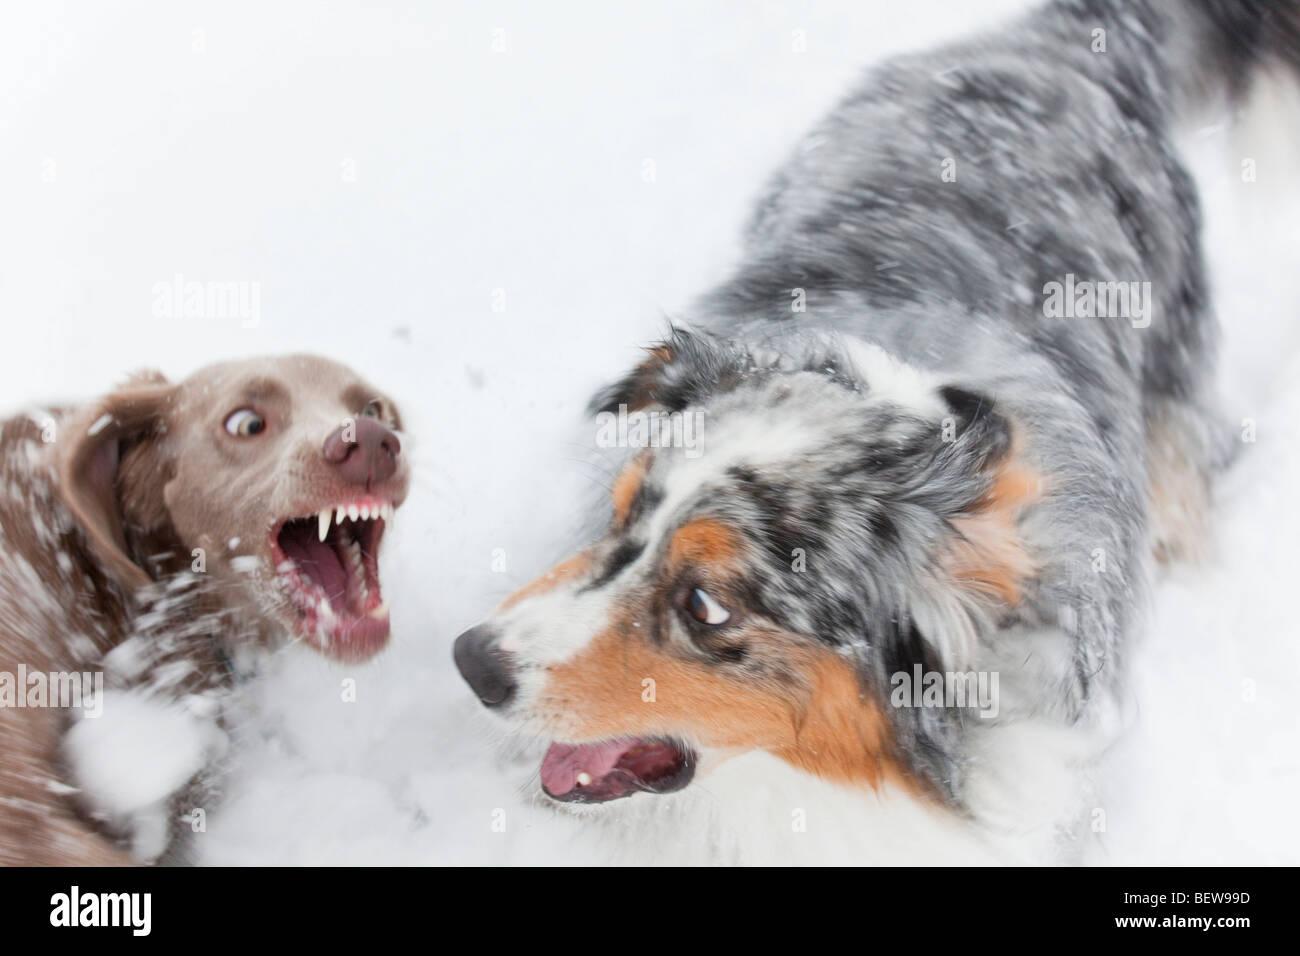 Zwei Hunde kämpfen im Schnee, erhöhte Ansicht Stockbild